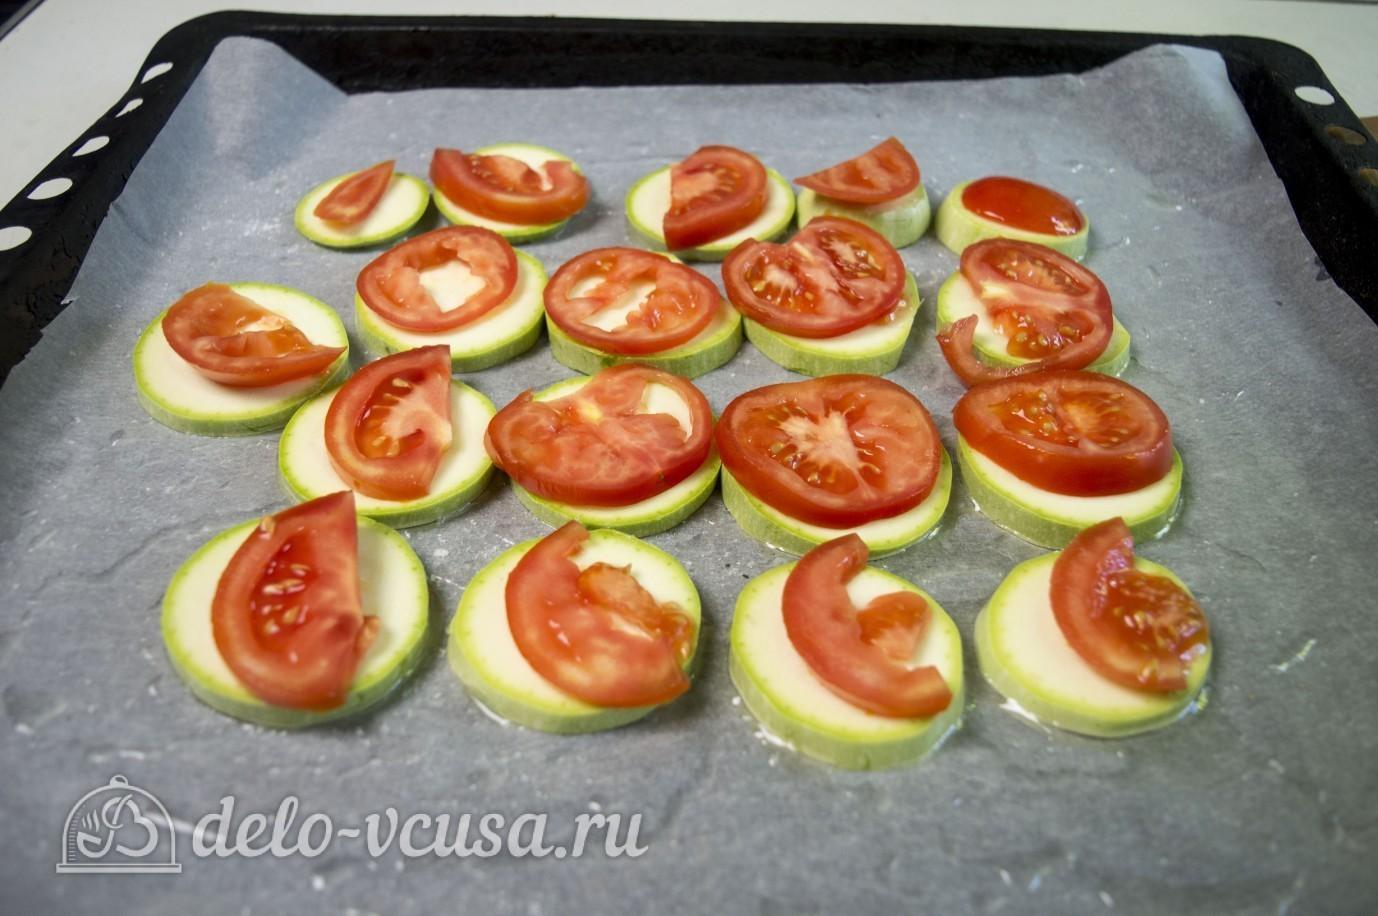 Рецепт запекать кабачки в духовке с сыром и помидорами